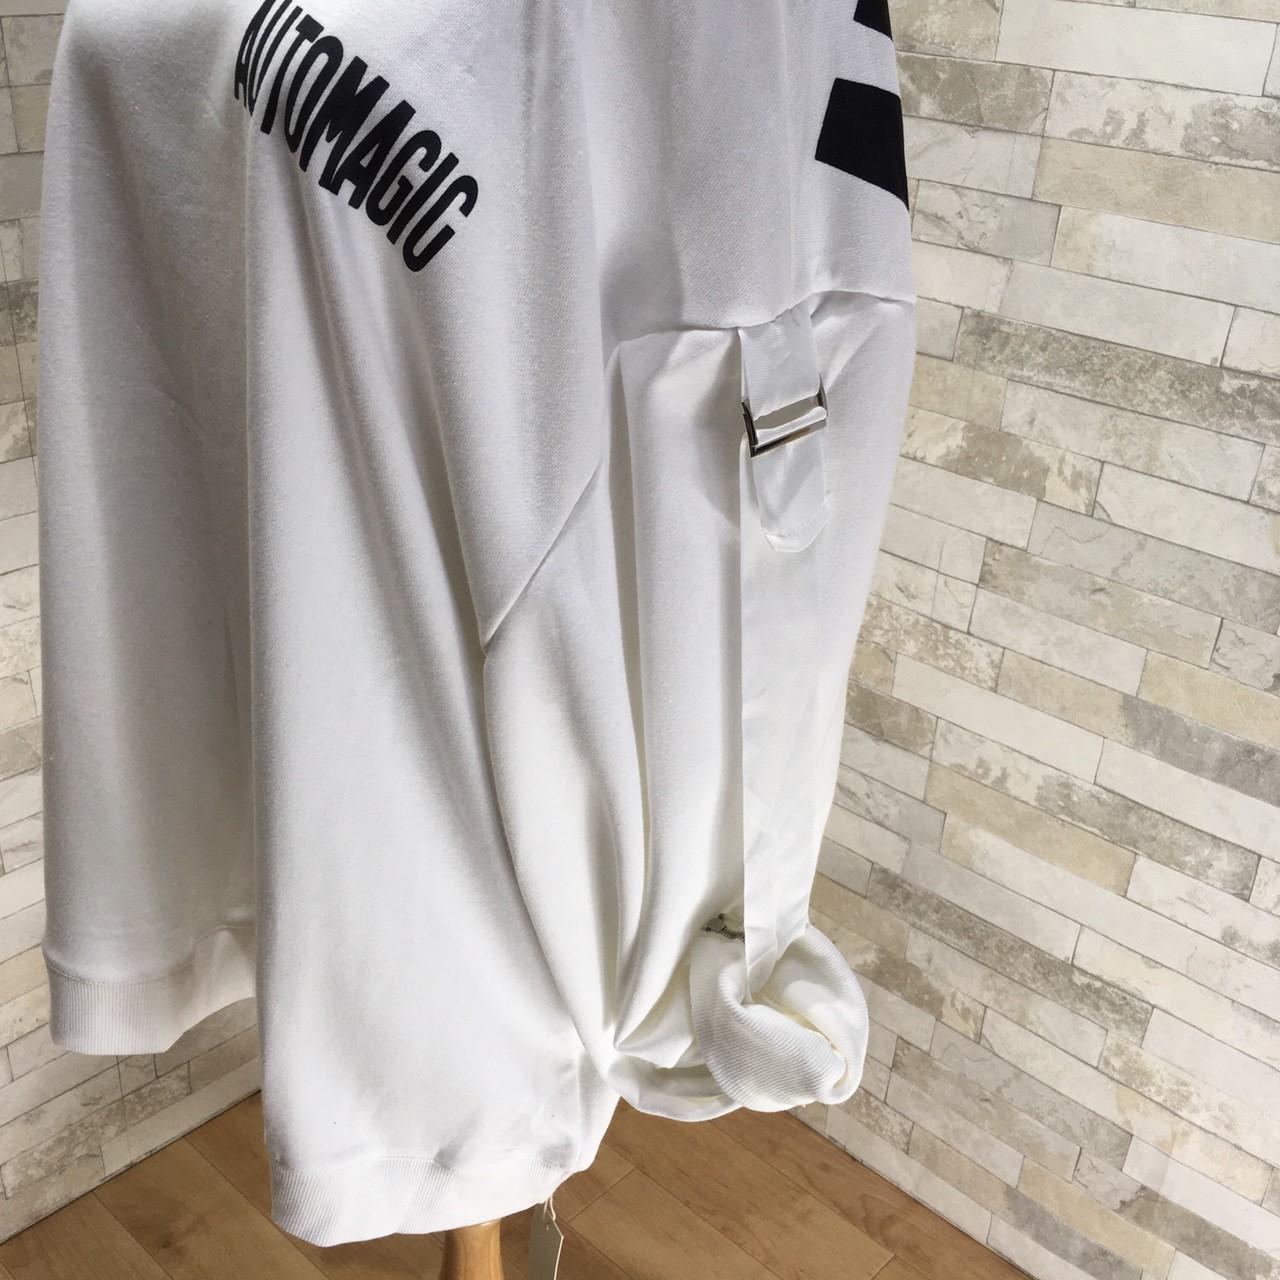 韓国 ファッション トップス スウェット トレーナー 秋 冬 カジュアル PTXG315  ビッグシルエット ダメージ ストリート オルチャン シンプル 定番 セレカジの写真19枚目